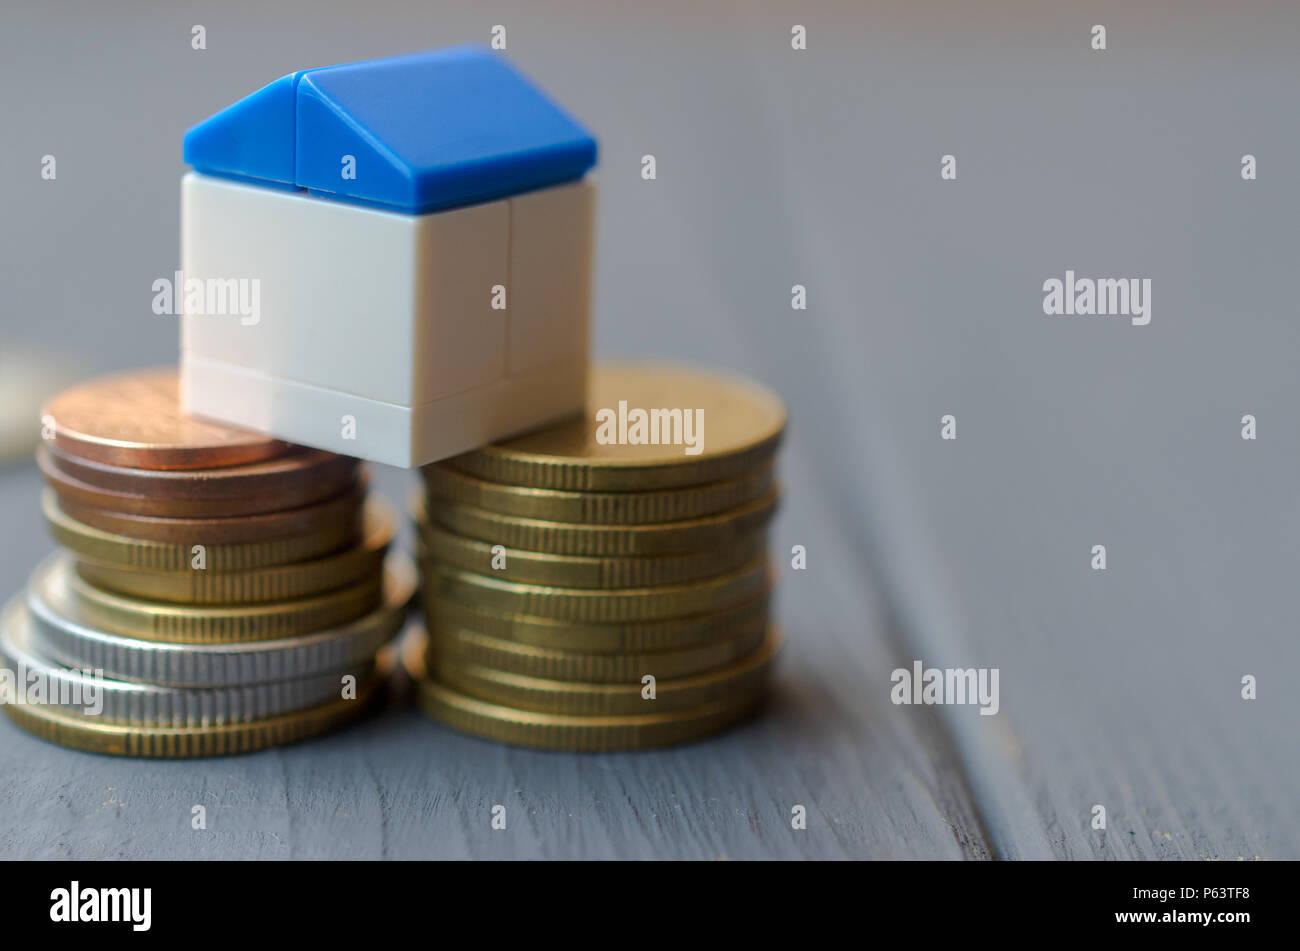 El concepto de préstamos para la vivienda. Casa Blanca con un techo azul sobre un montón de monedas Foto de stock